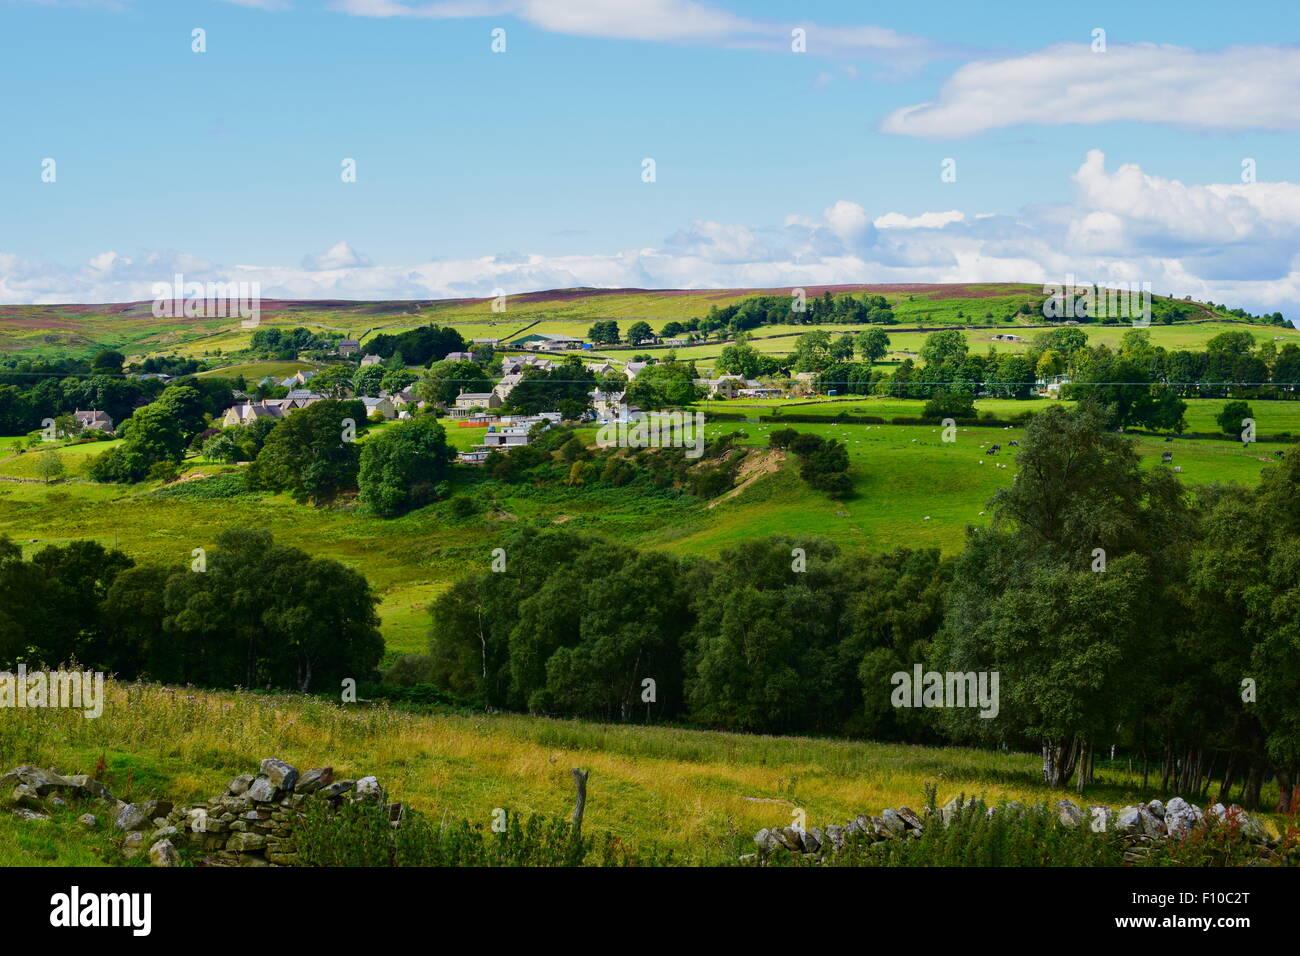 The village of Edmundbyers, County Durham, England - Stock Image